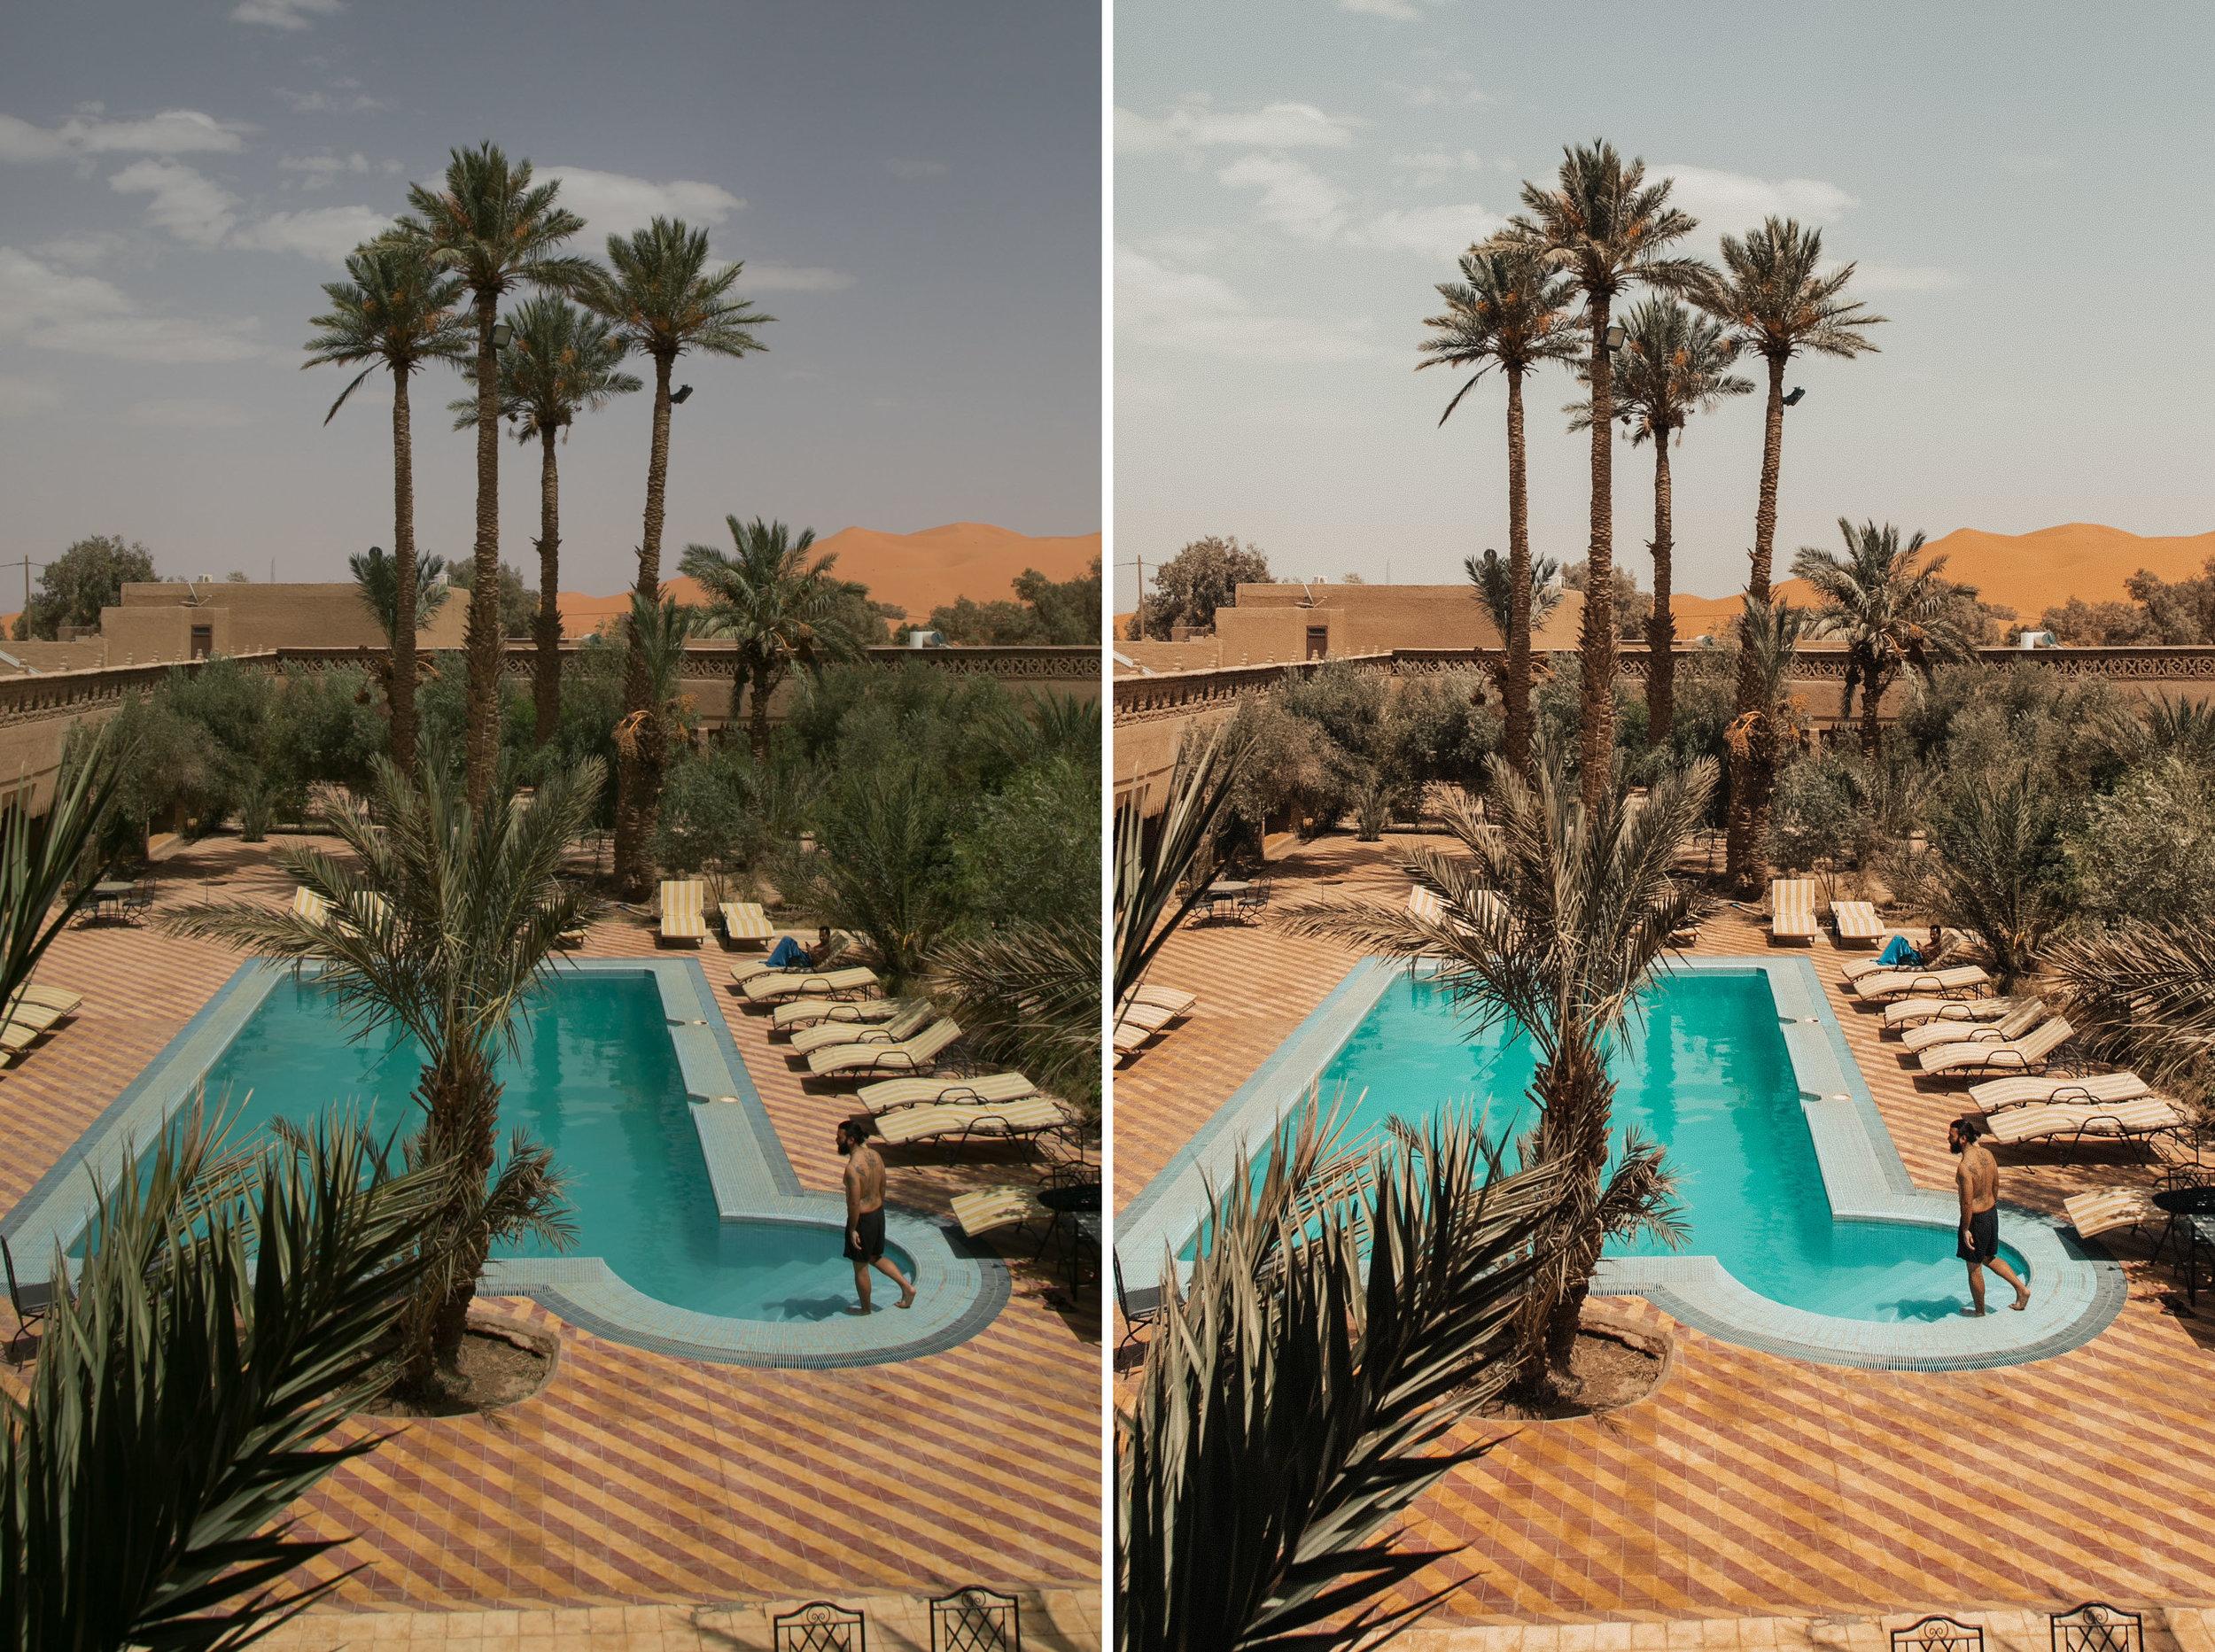 Marrocos Antes e Depois 1.jpg